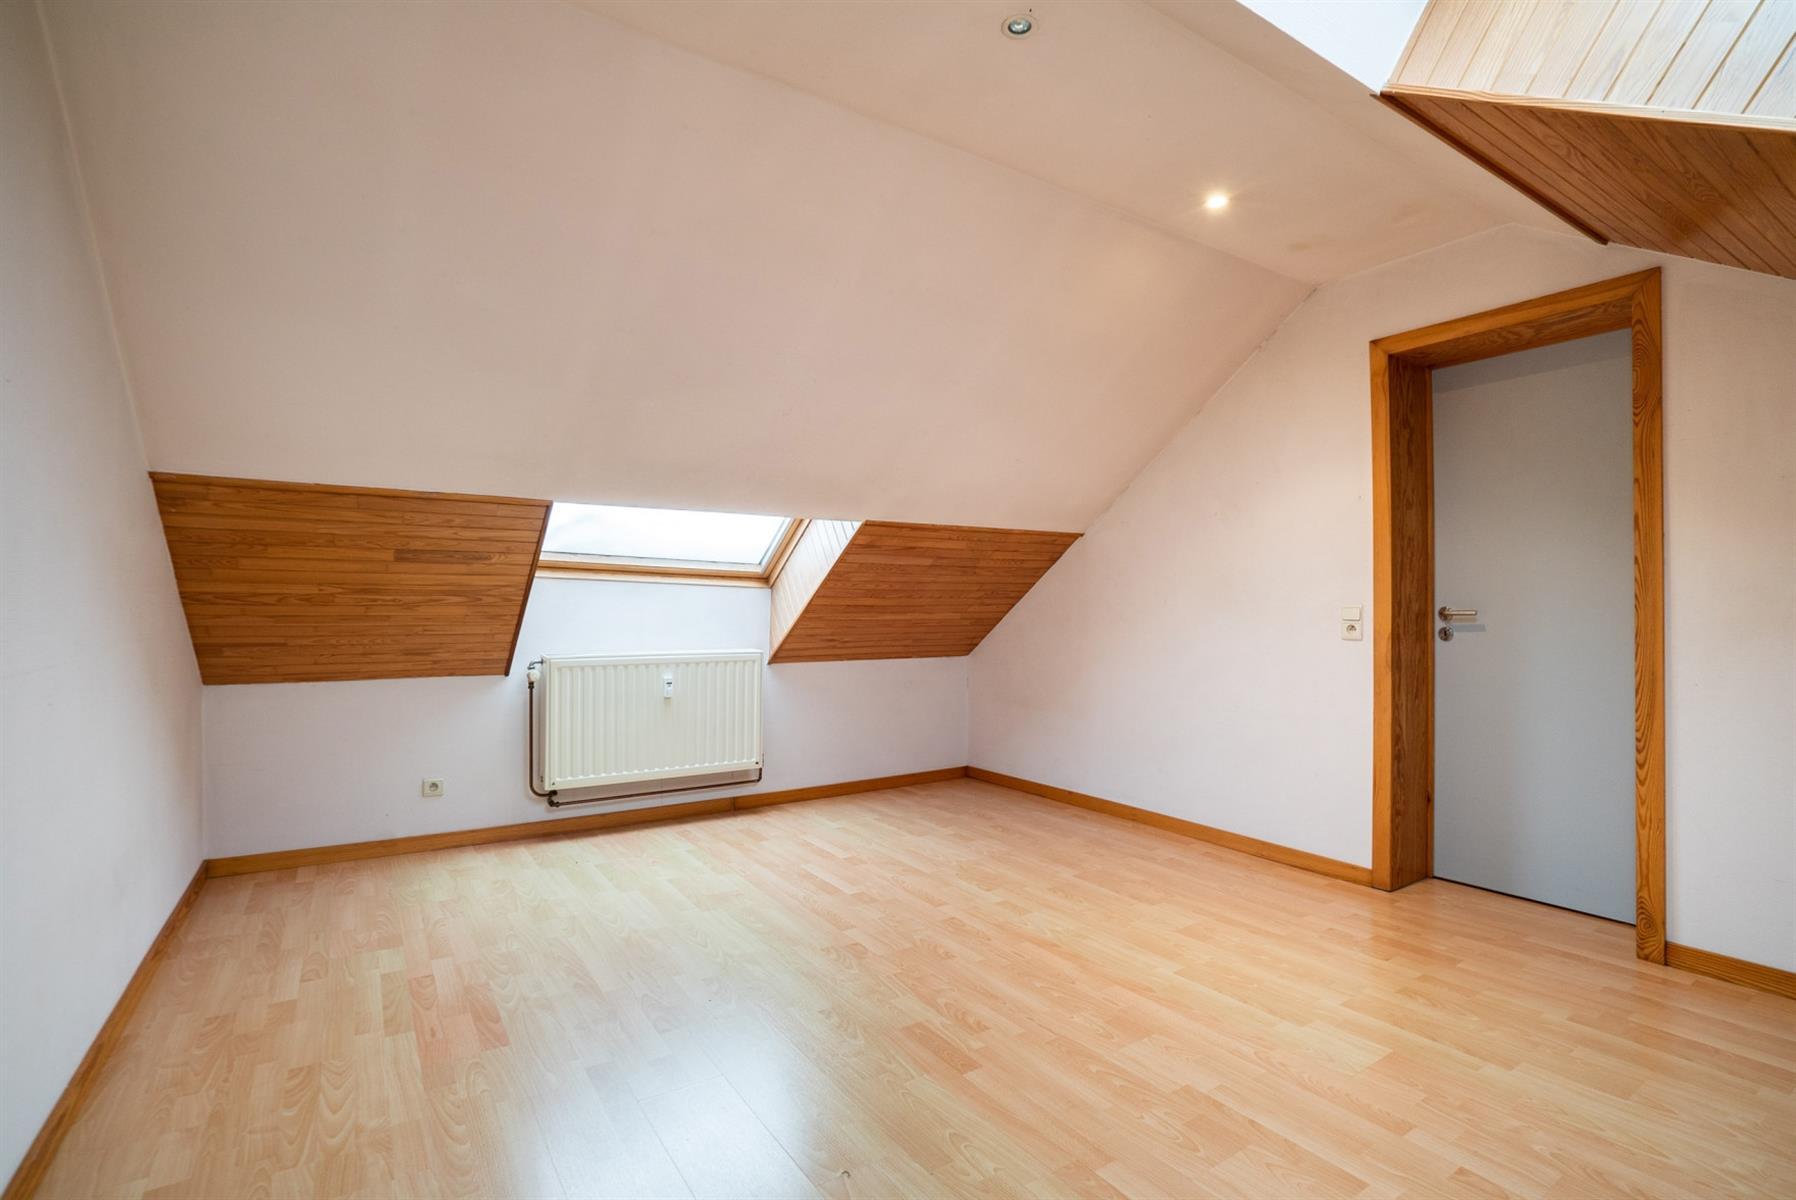 Duplex - Plombières Hombourg - #4223052-9